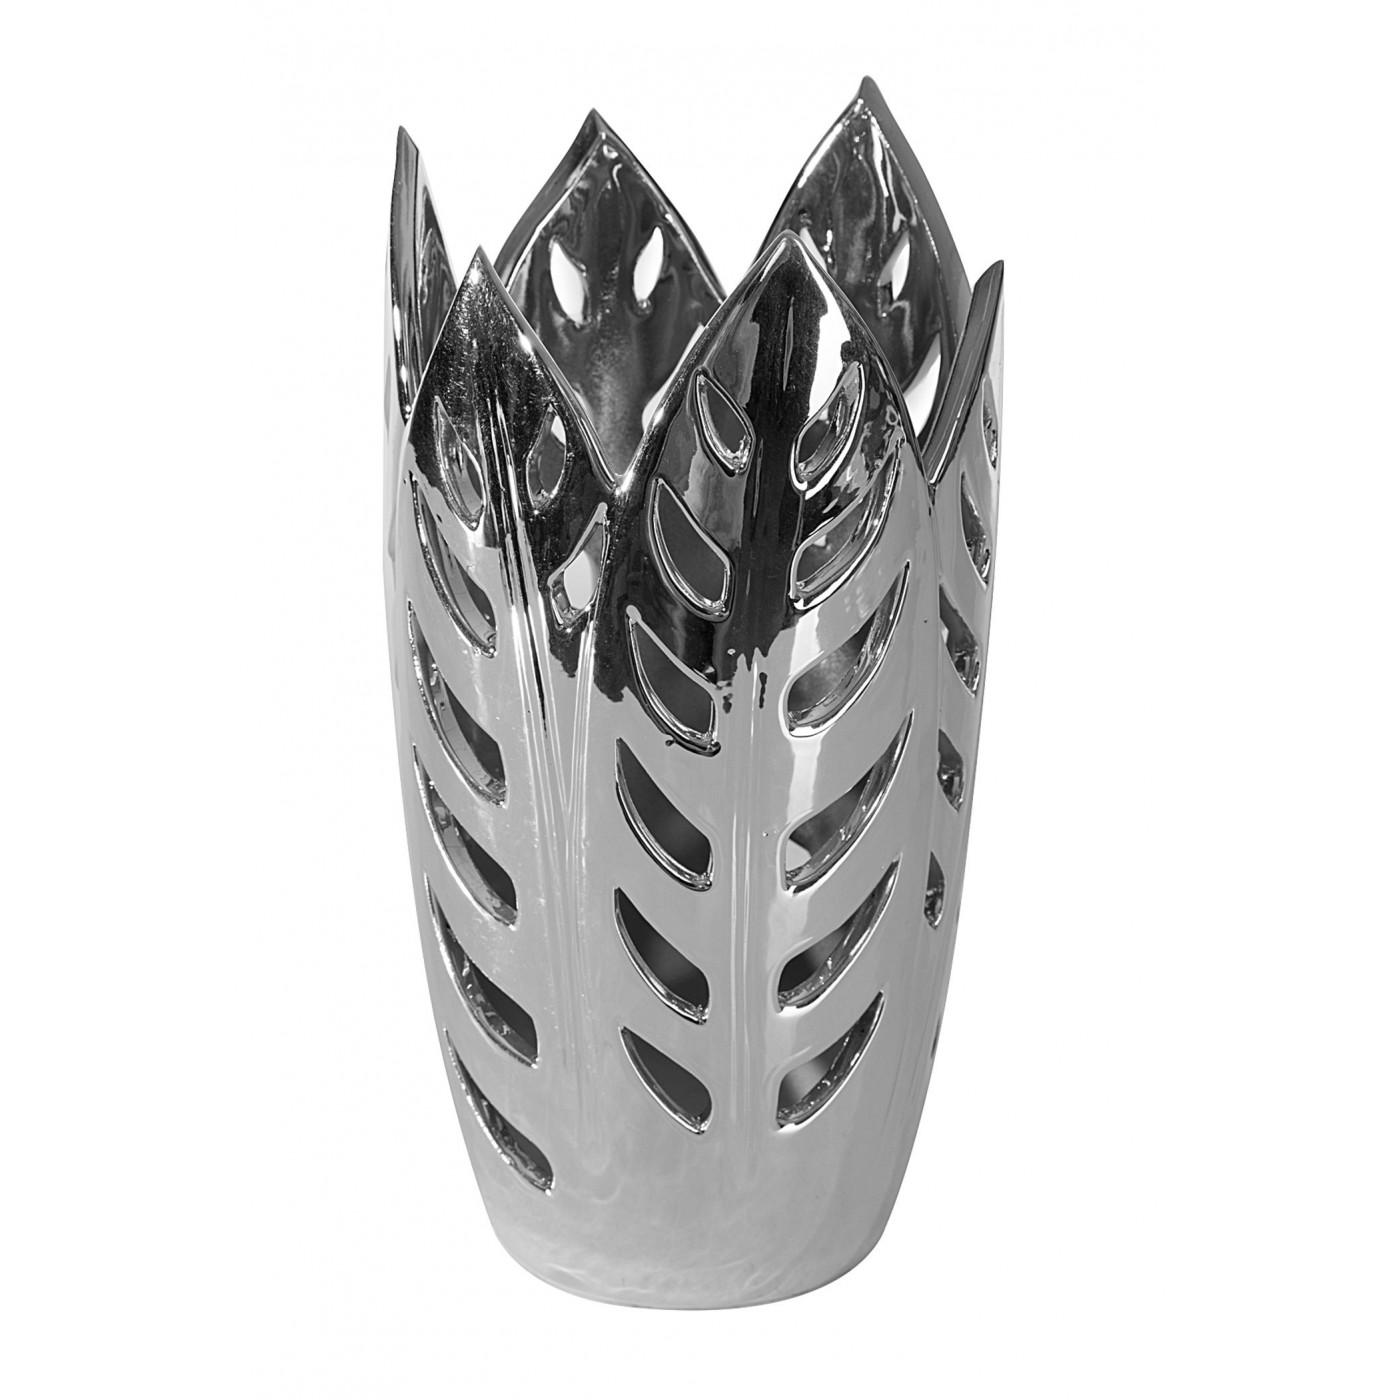 Wazon ceramiczny ażurowy srebrny 29 cm